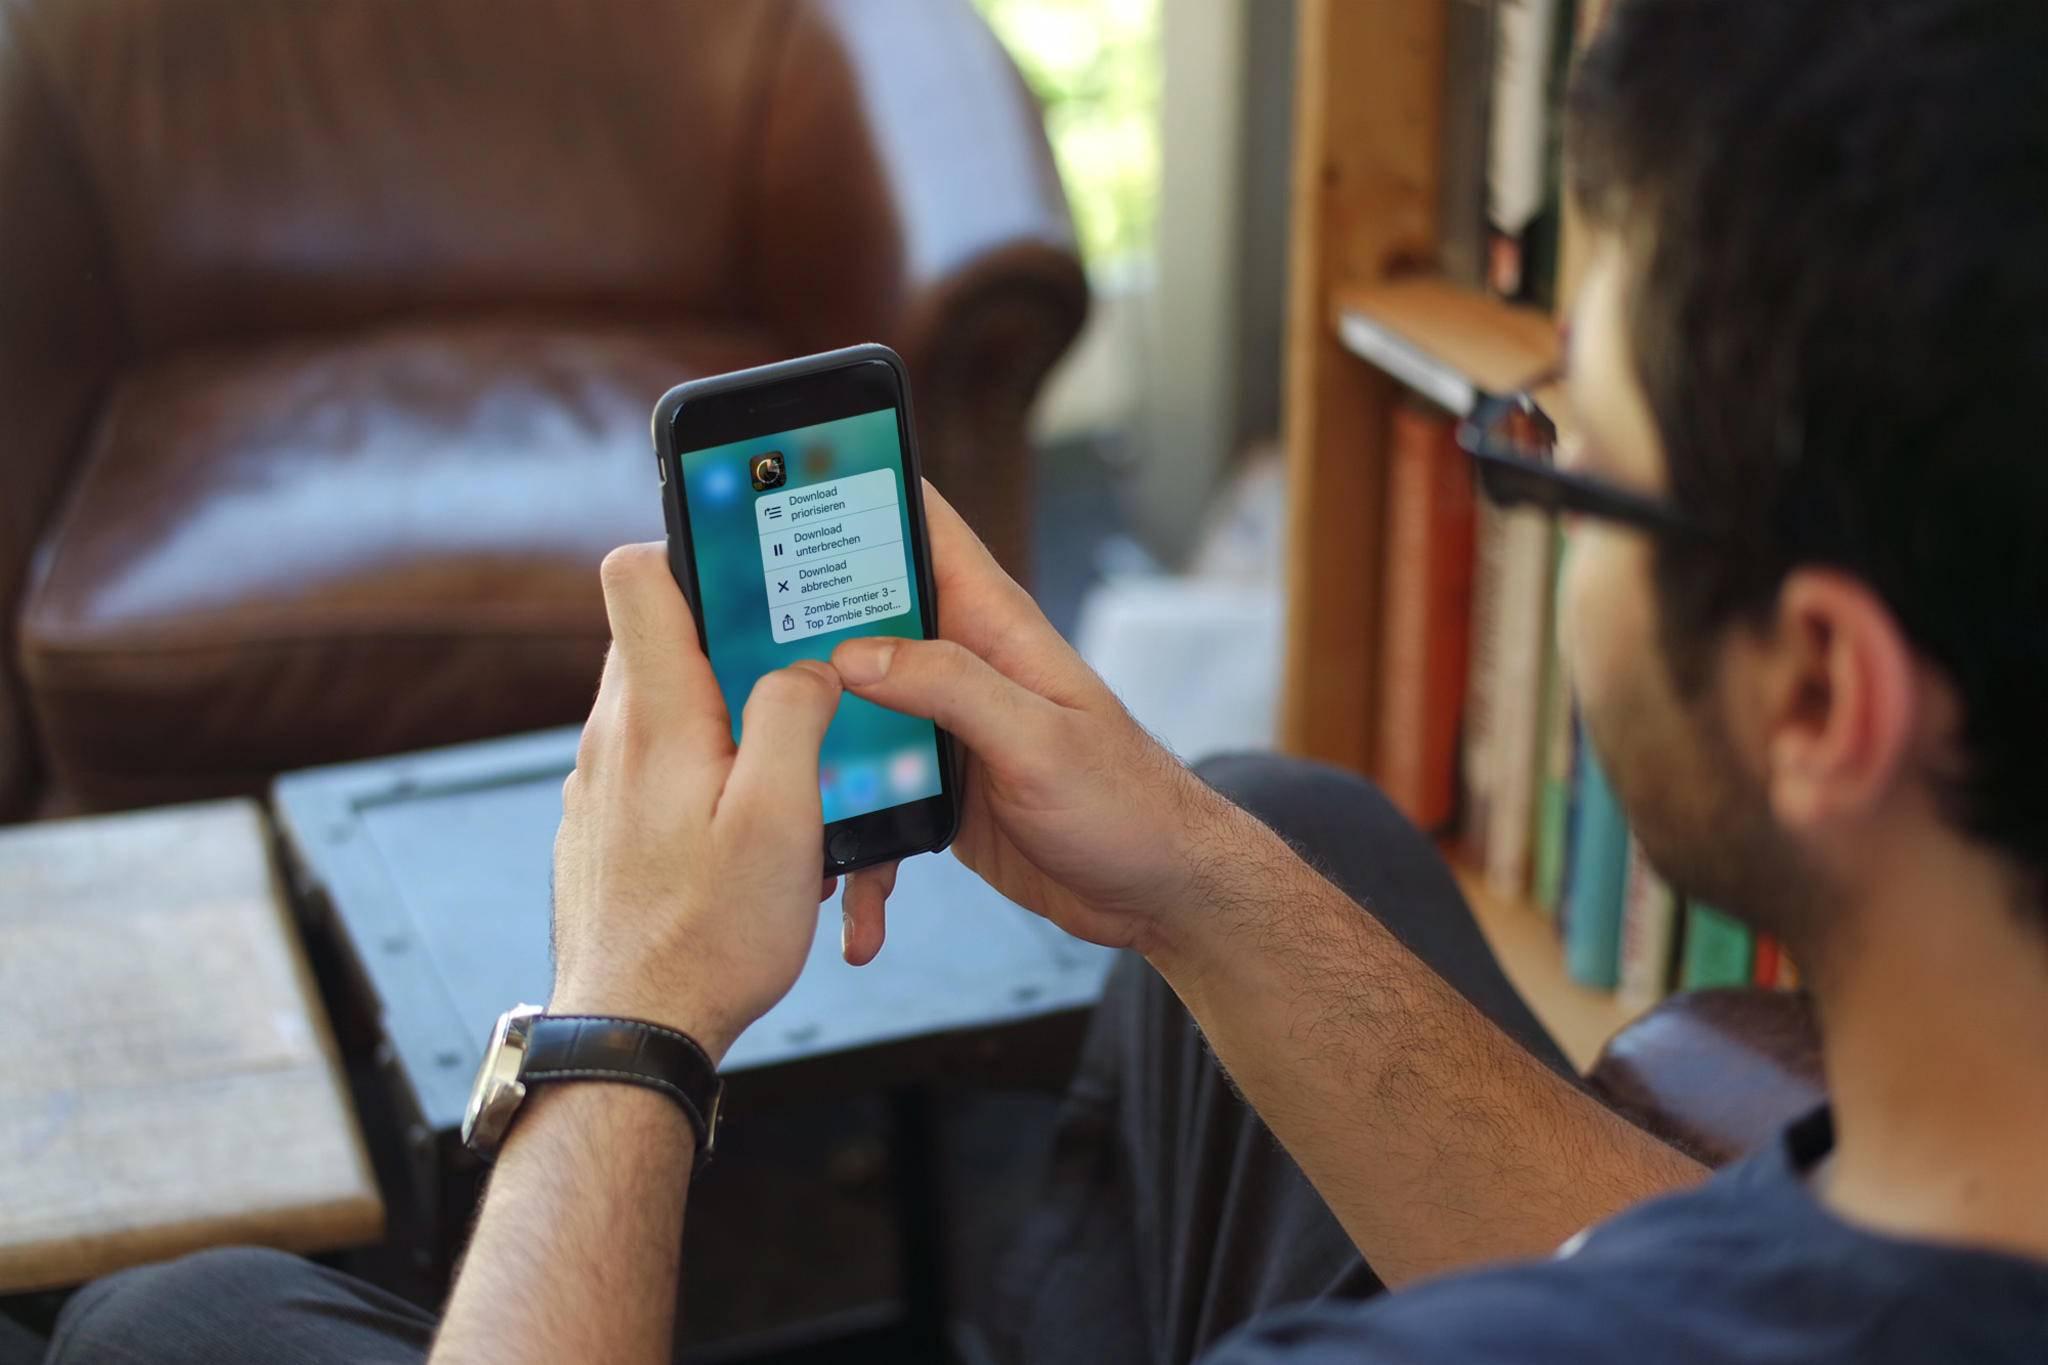 3D Touch bietet in iOS 10 einige neue Möglichkeiten.